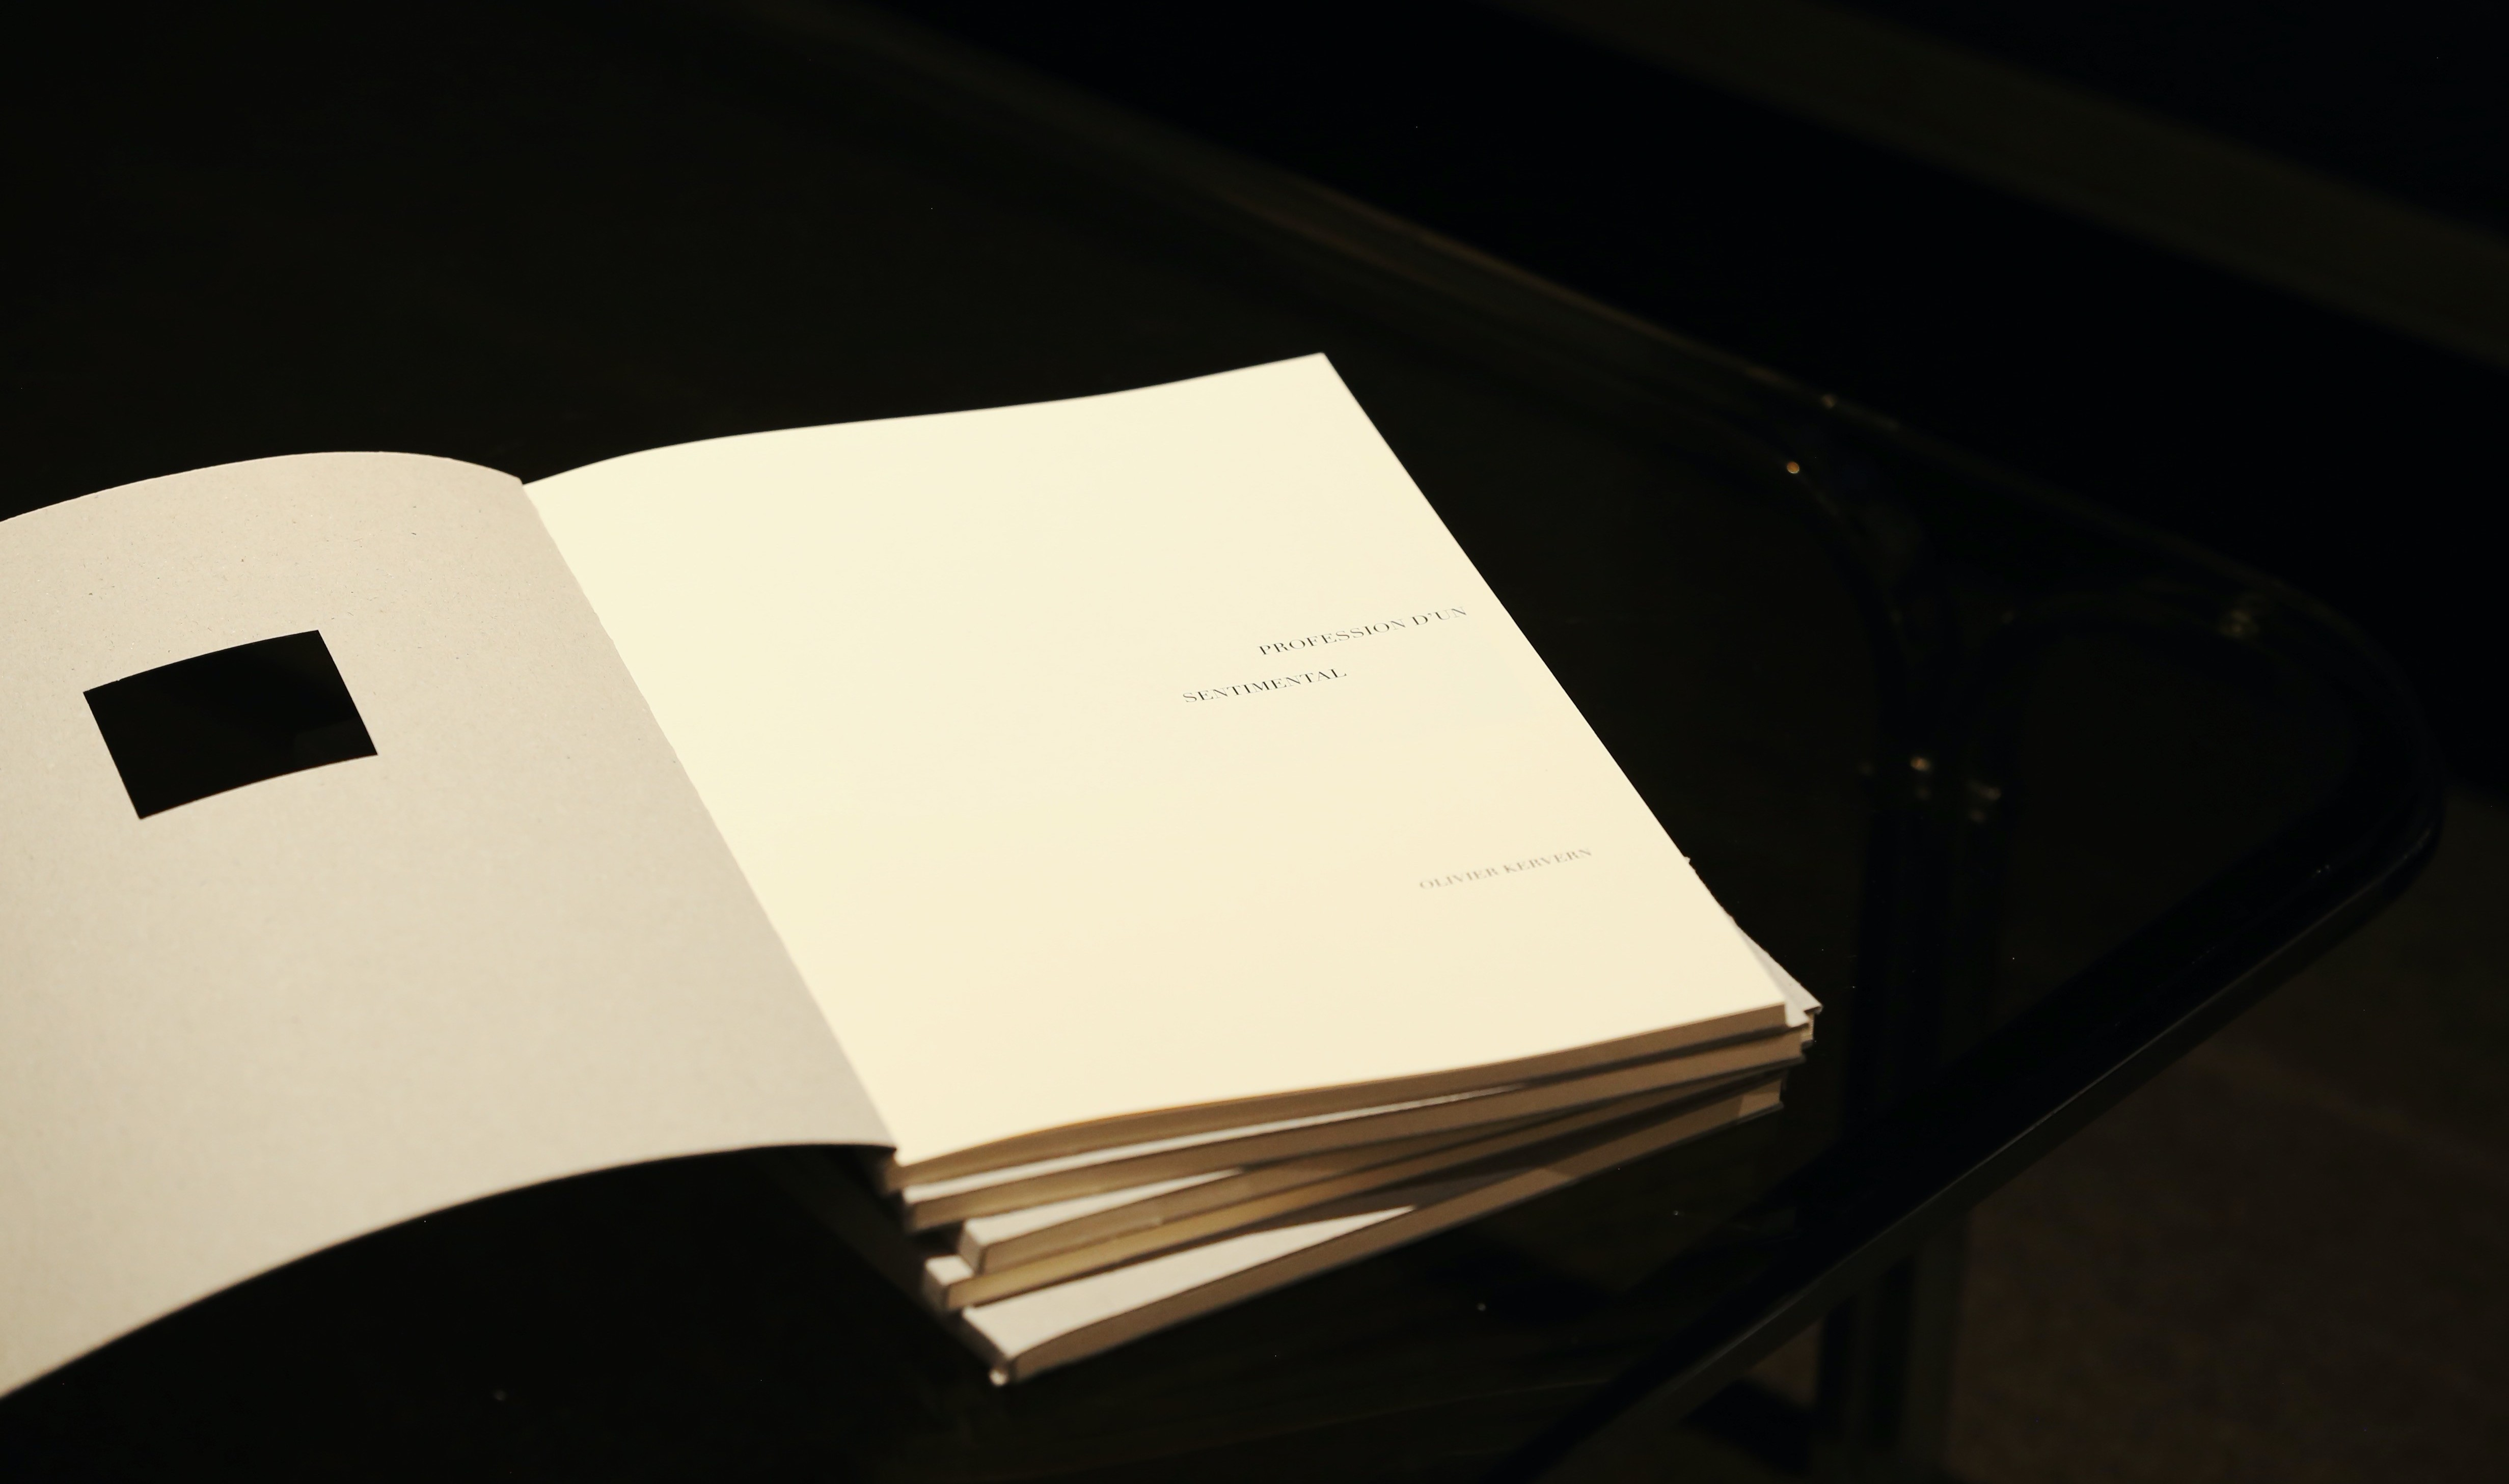 JIL SANDERとの作品で知られるオリヴィエ・ケルヴェンヌが写真展